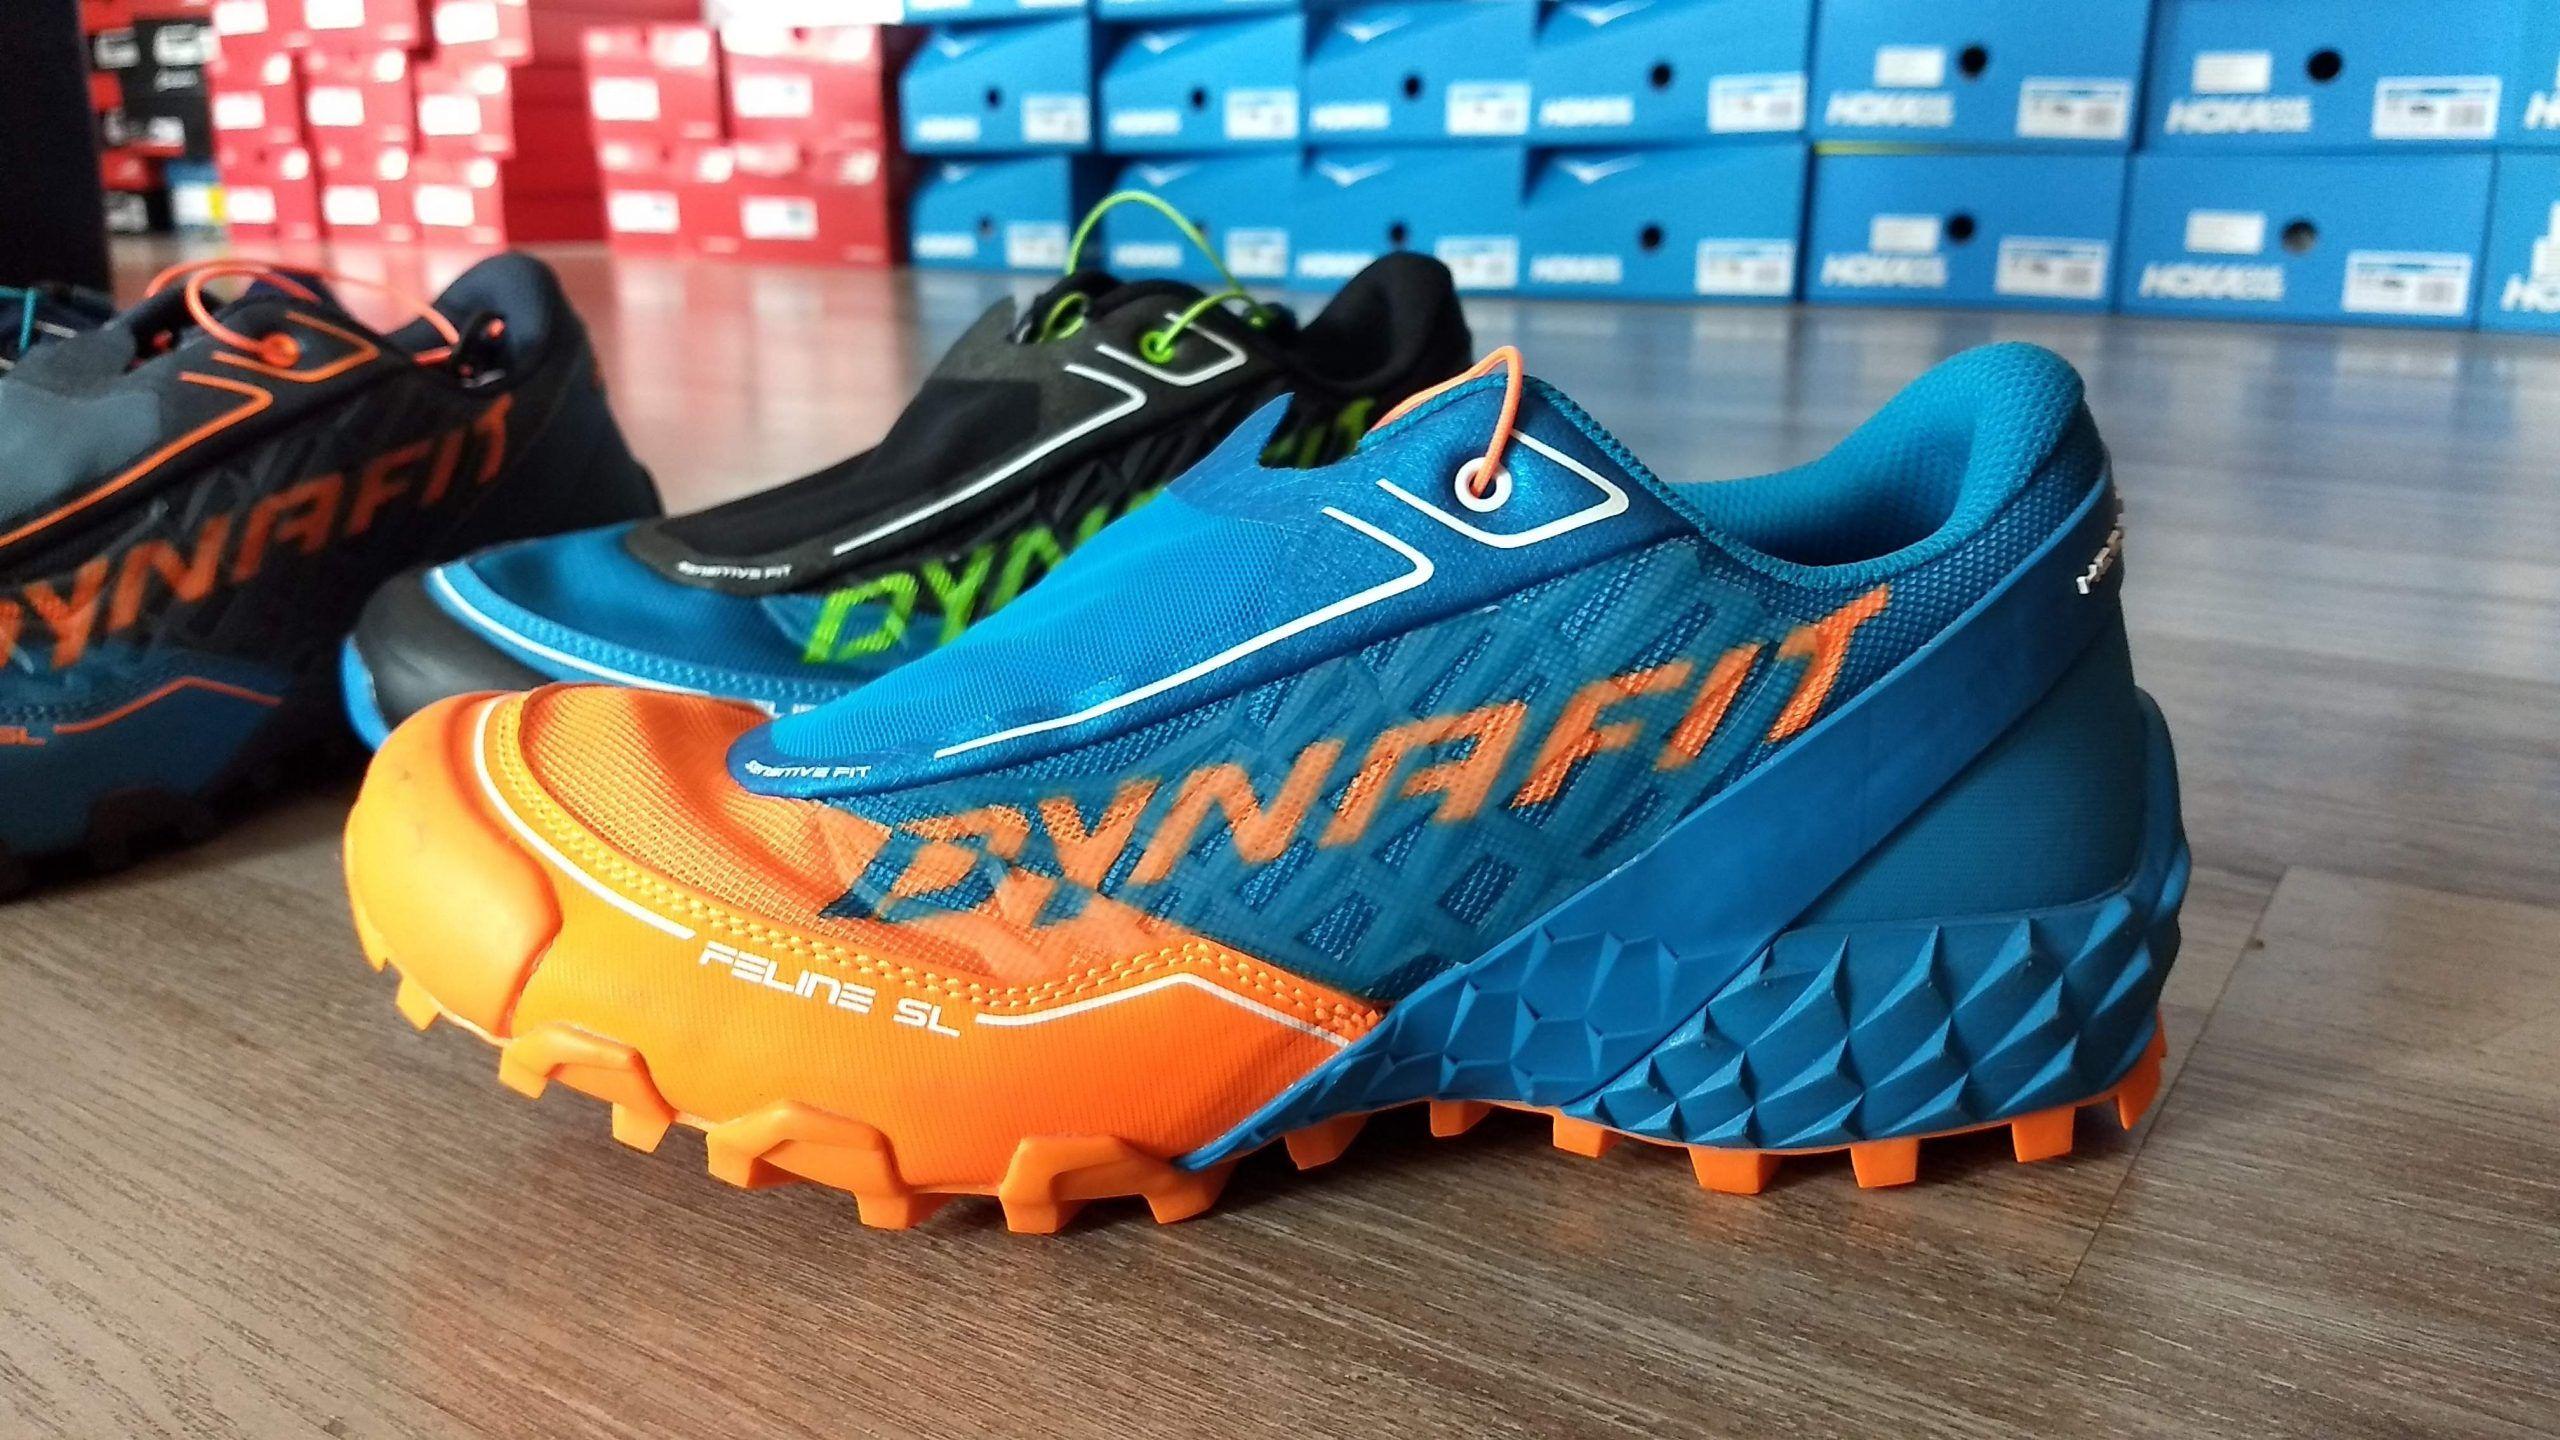 De por qué las nuevas zapatillas DYNAFIT FELINE SL van a ser unas de las zapatillas del año 2020.